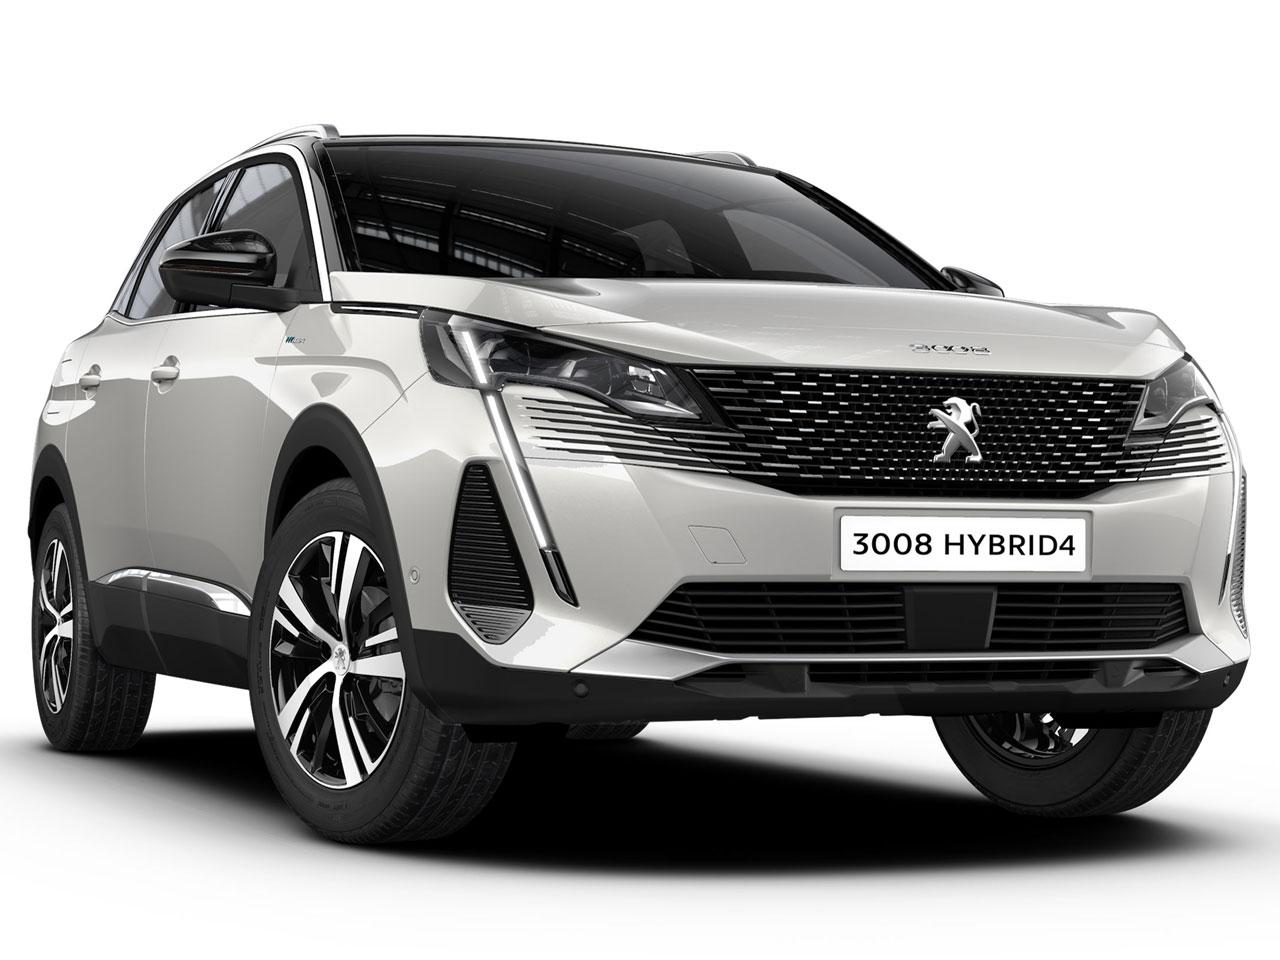 プジョー 3008 2017年モデル 新車画像